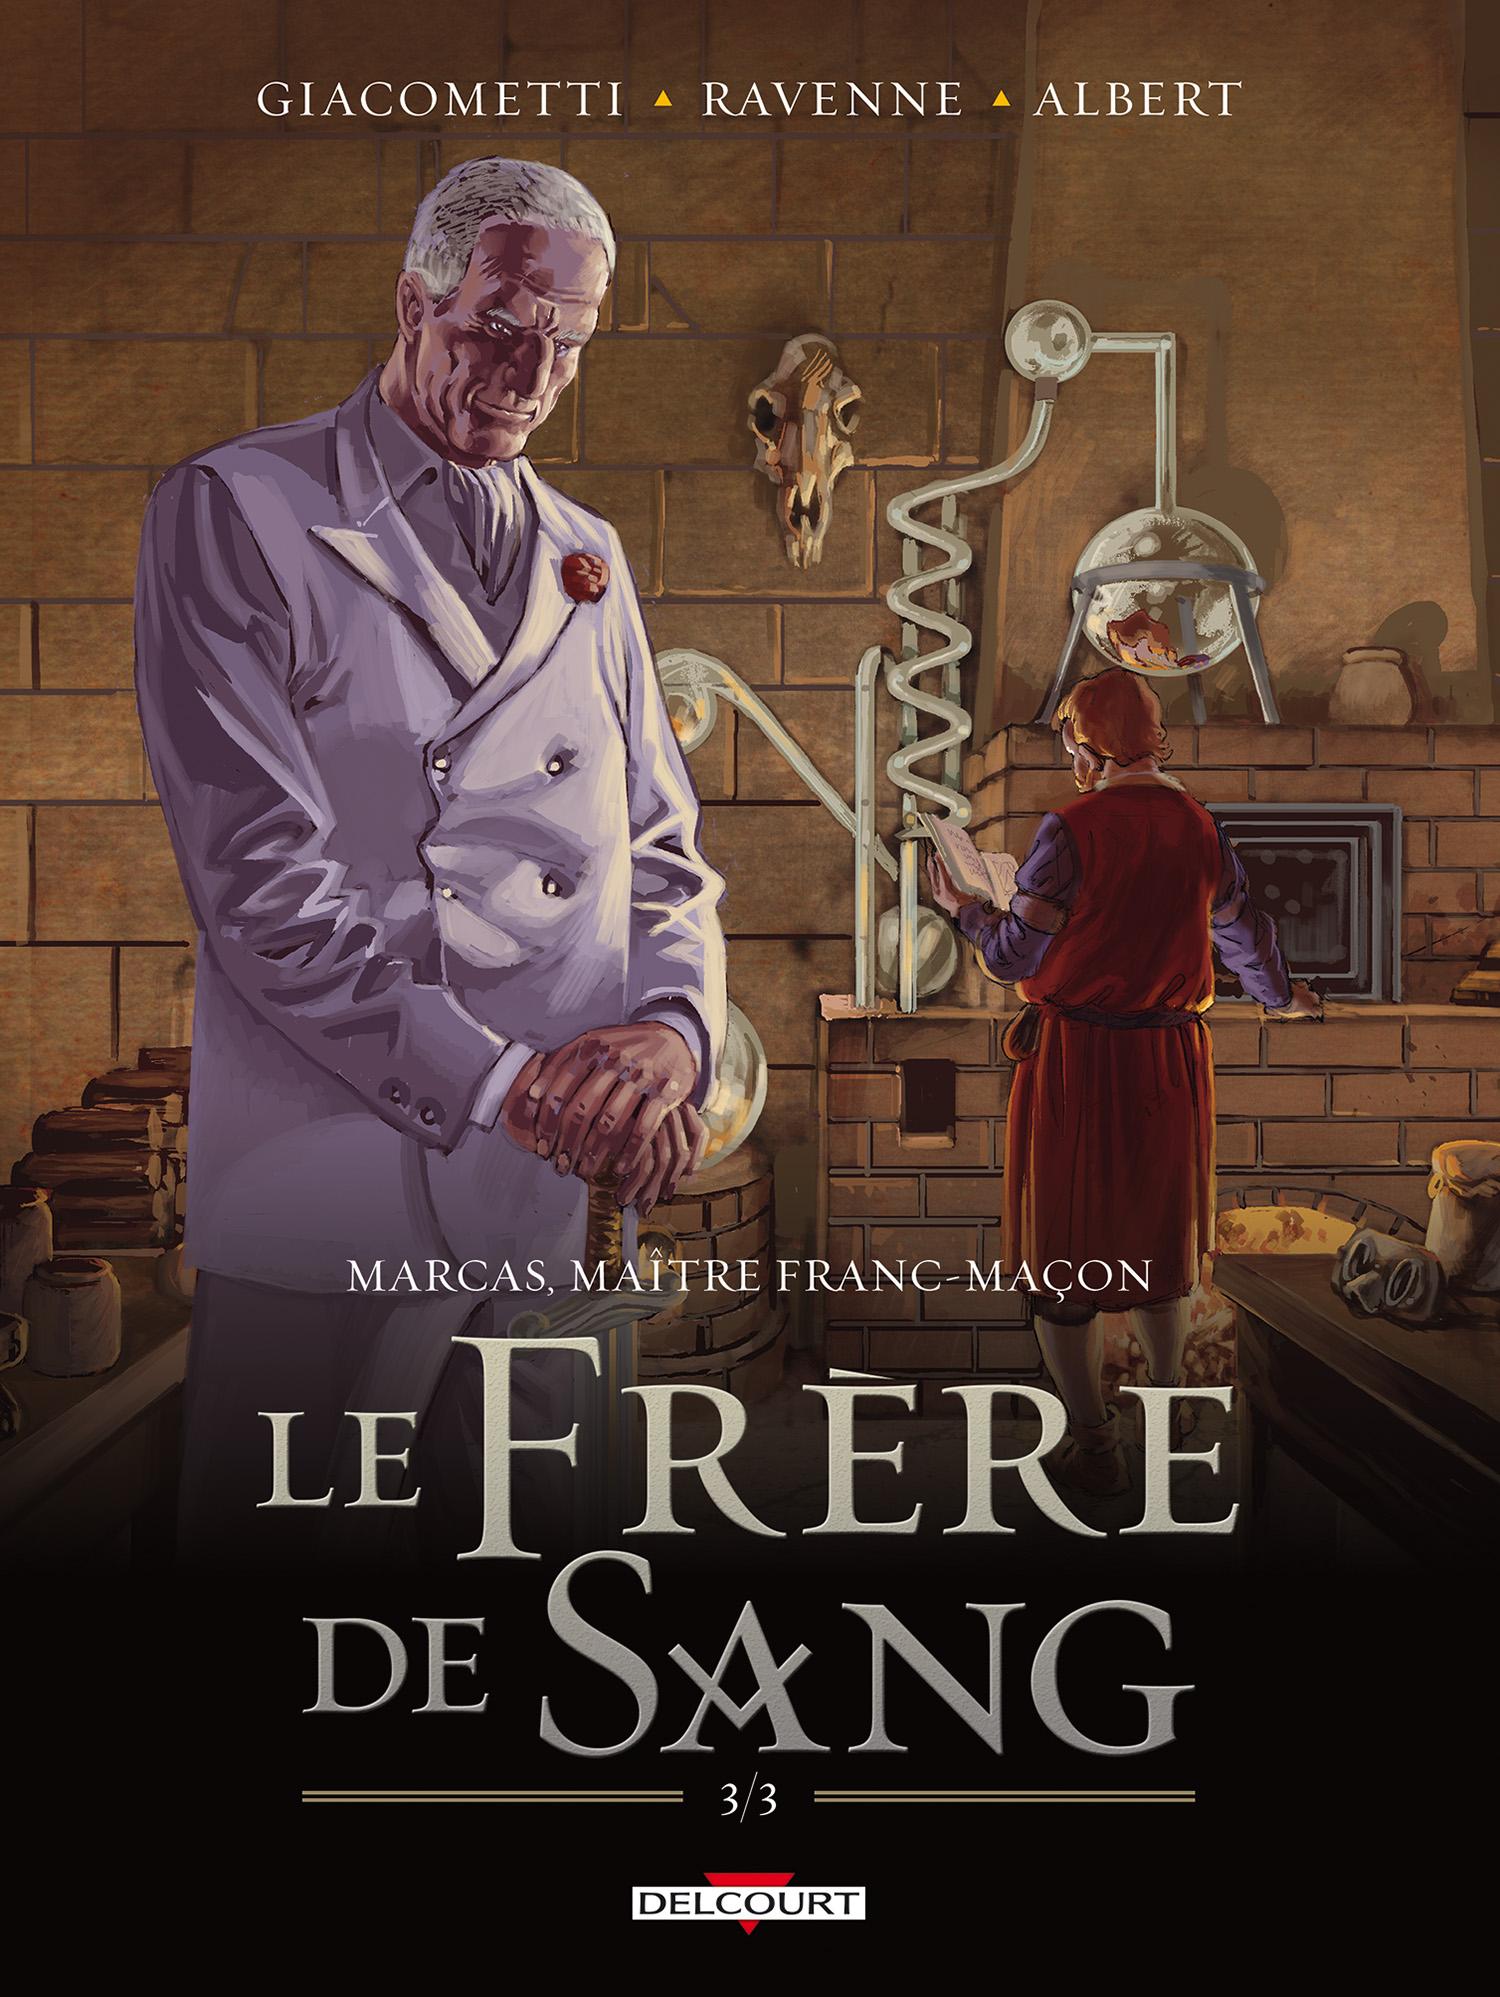 Marcas, maître franc-maçon 5 - Le frère de sang 3/3